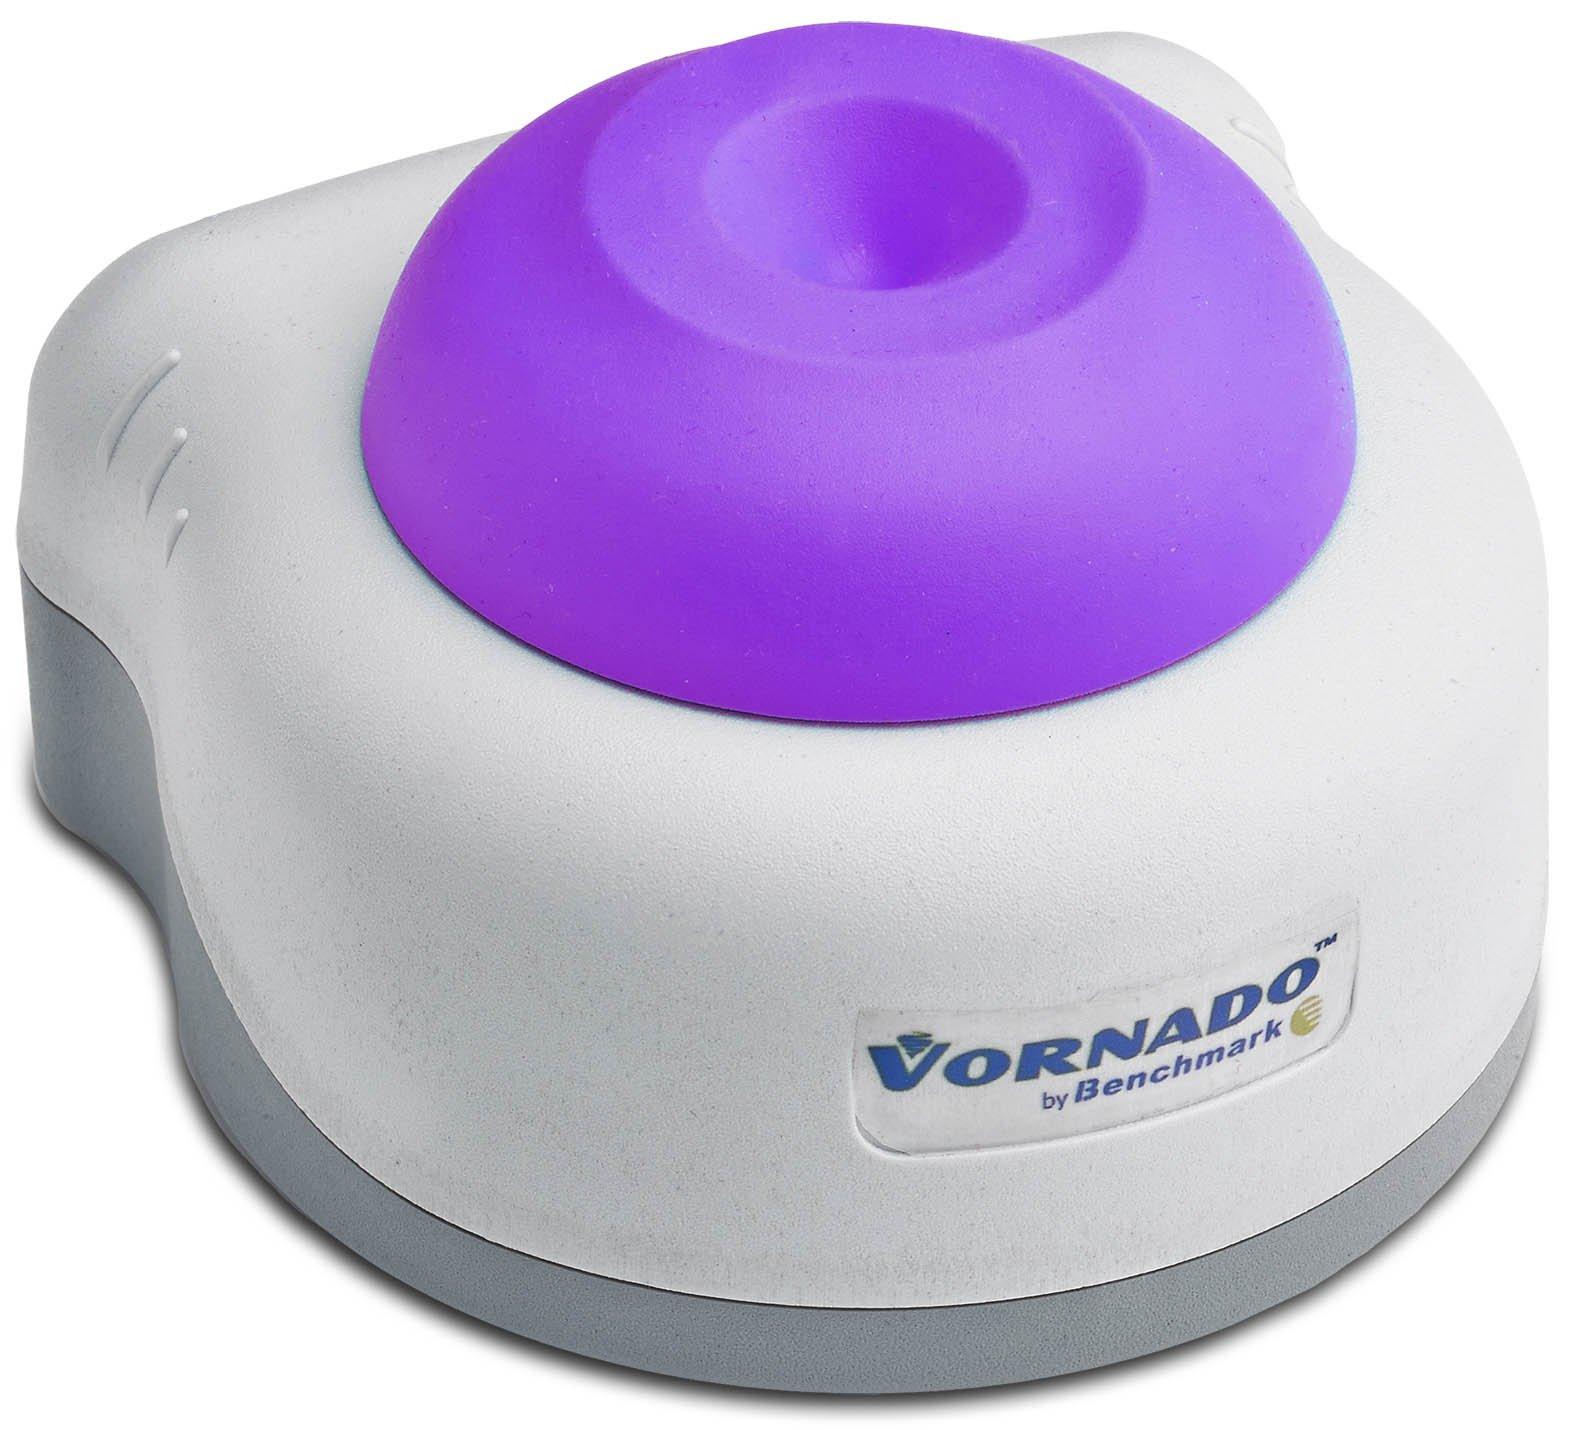 Vornado Miniature Vortexer Mixer - Purple Cup Head